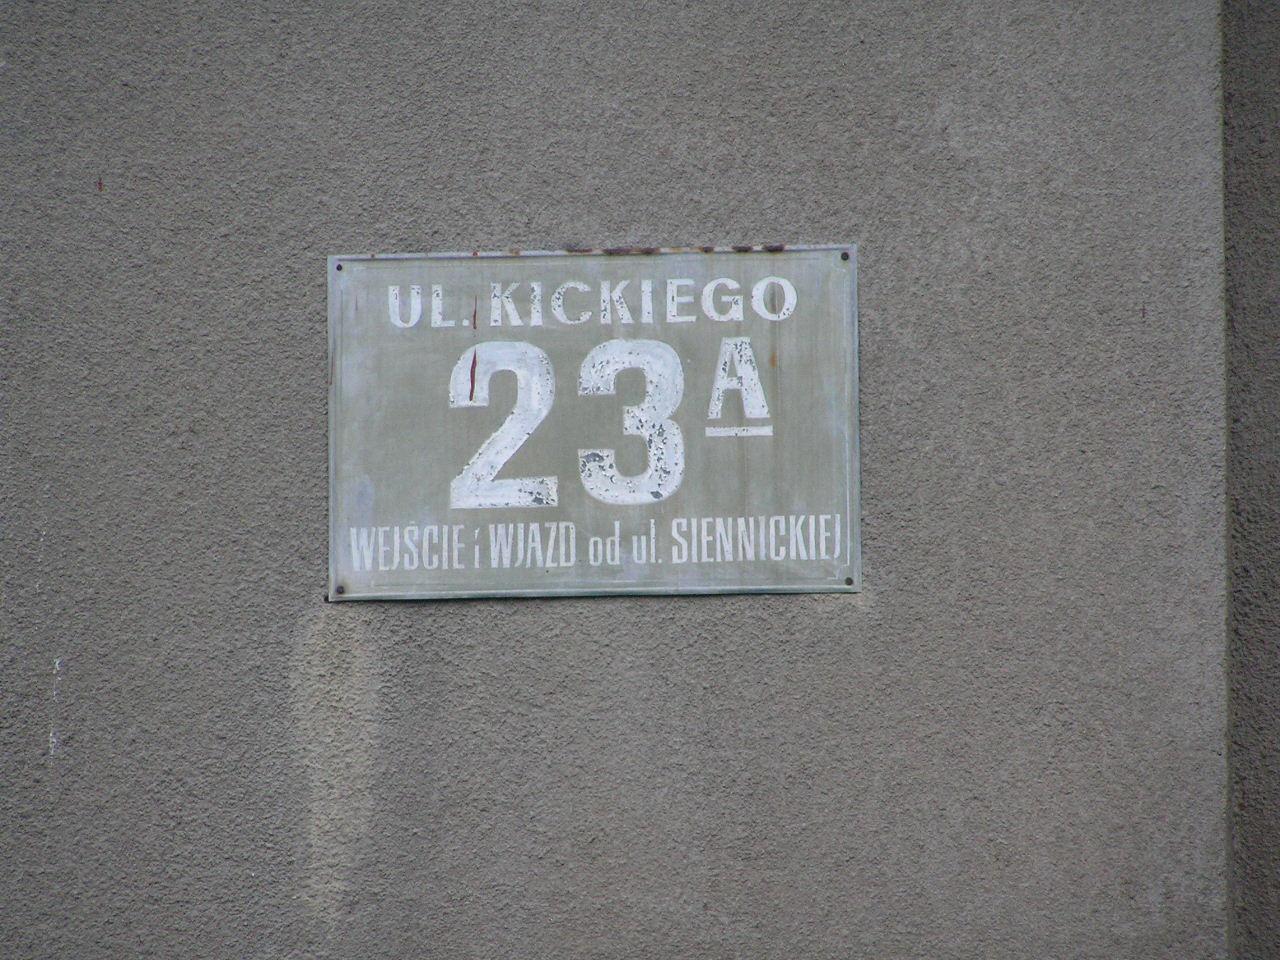 Tablica adresowa przy ulicy Kickiego 23A na Grochowie